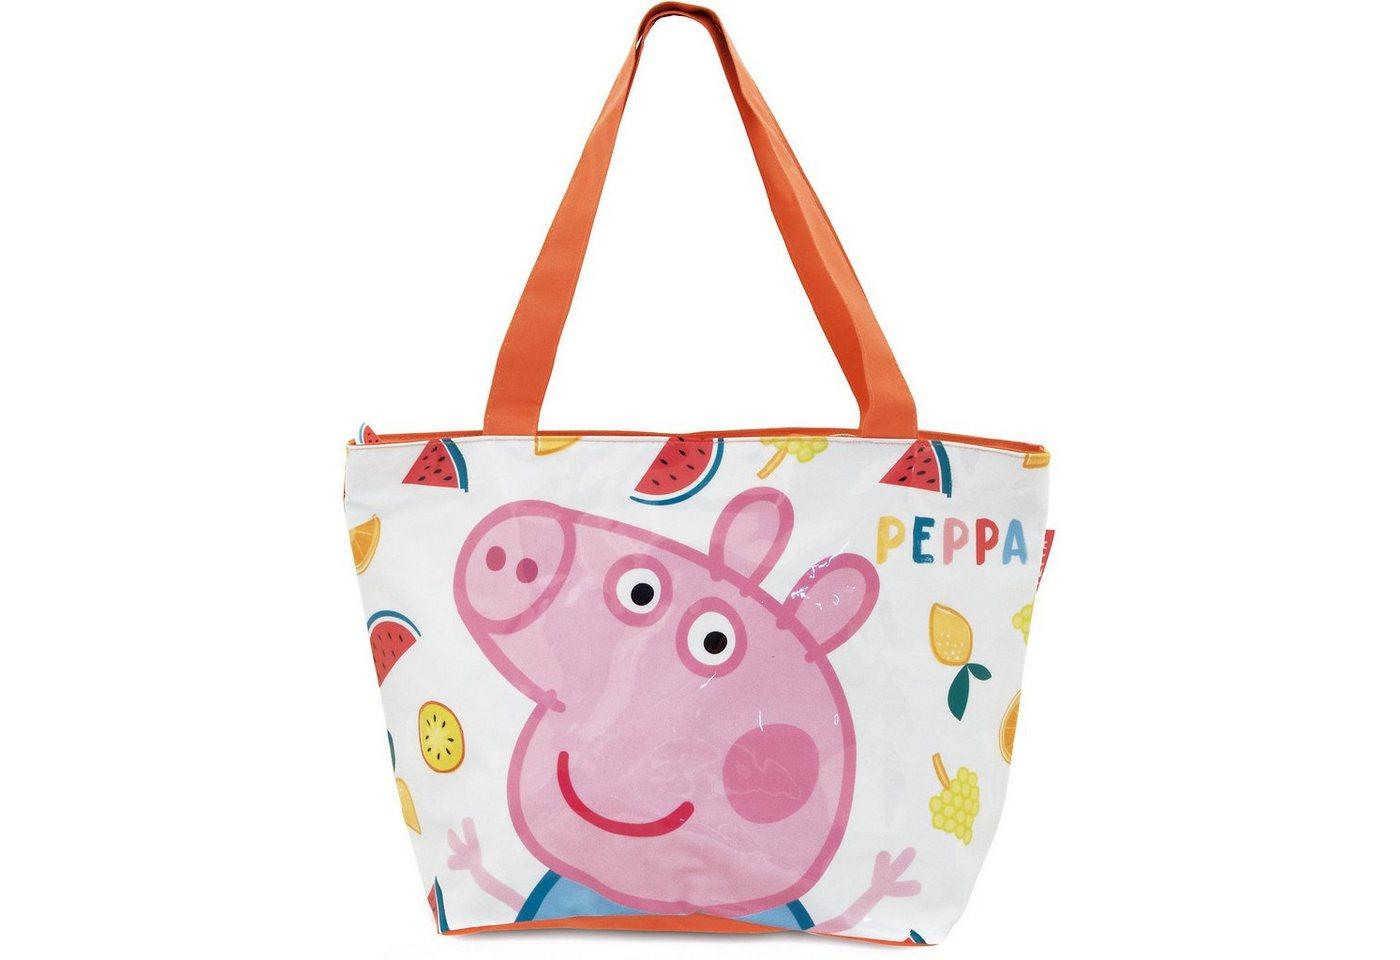 otto - Strandtasche Peppa Pig